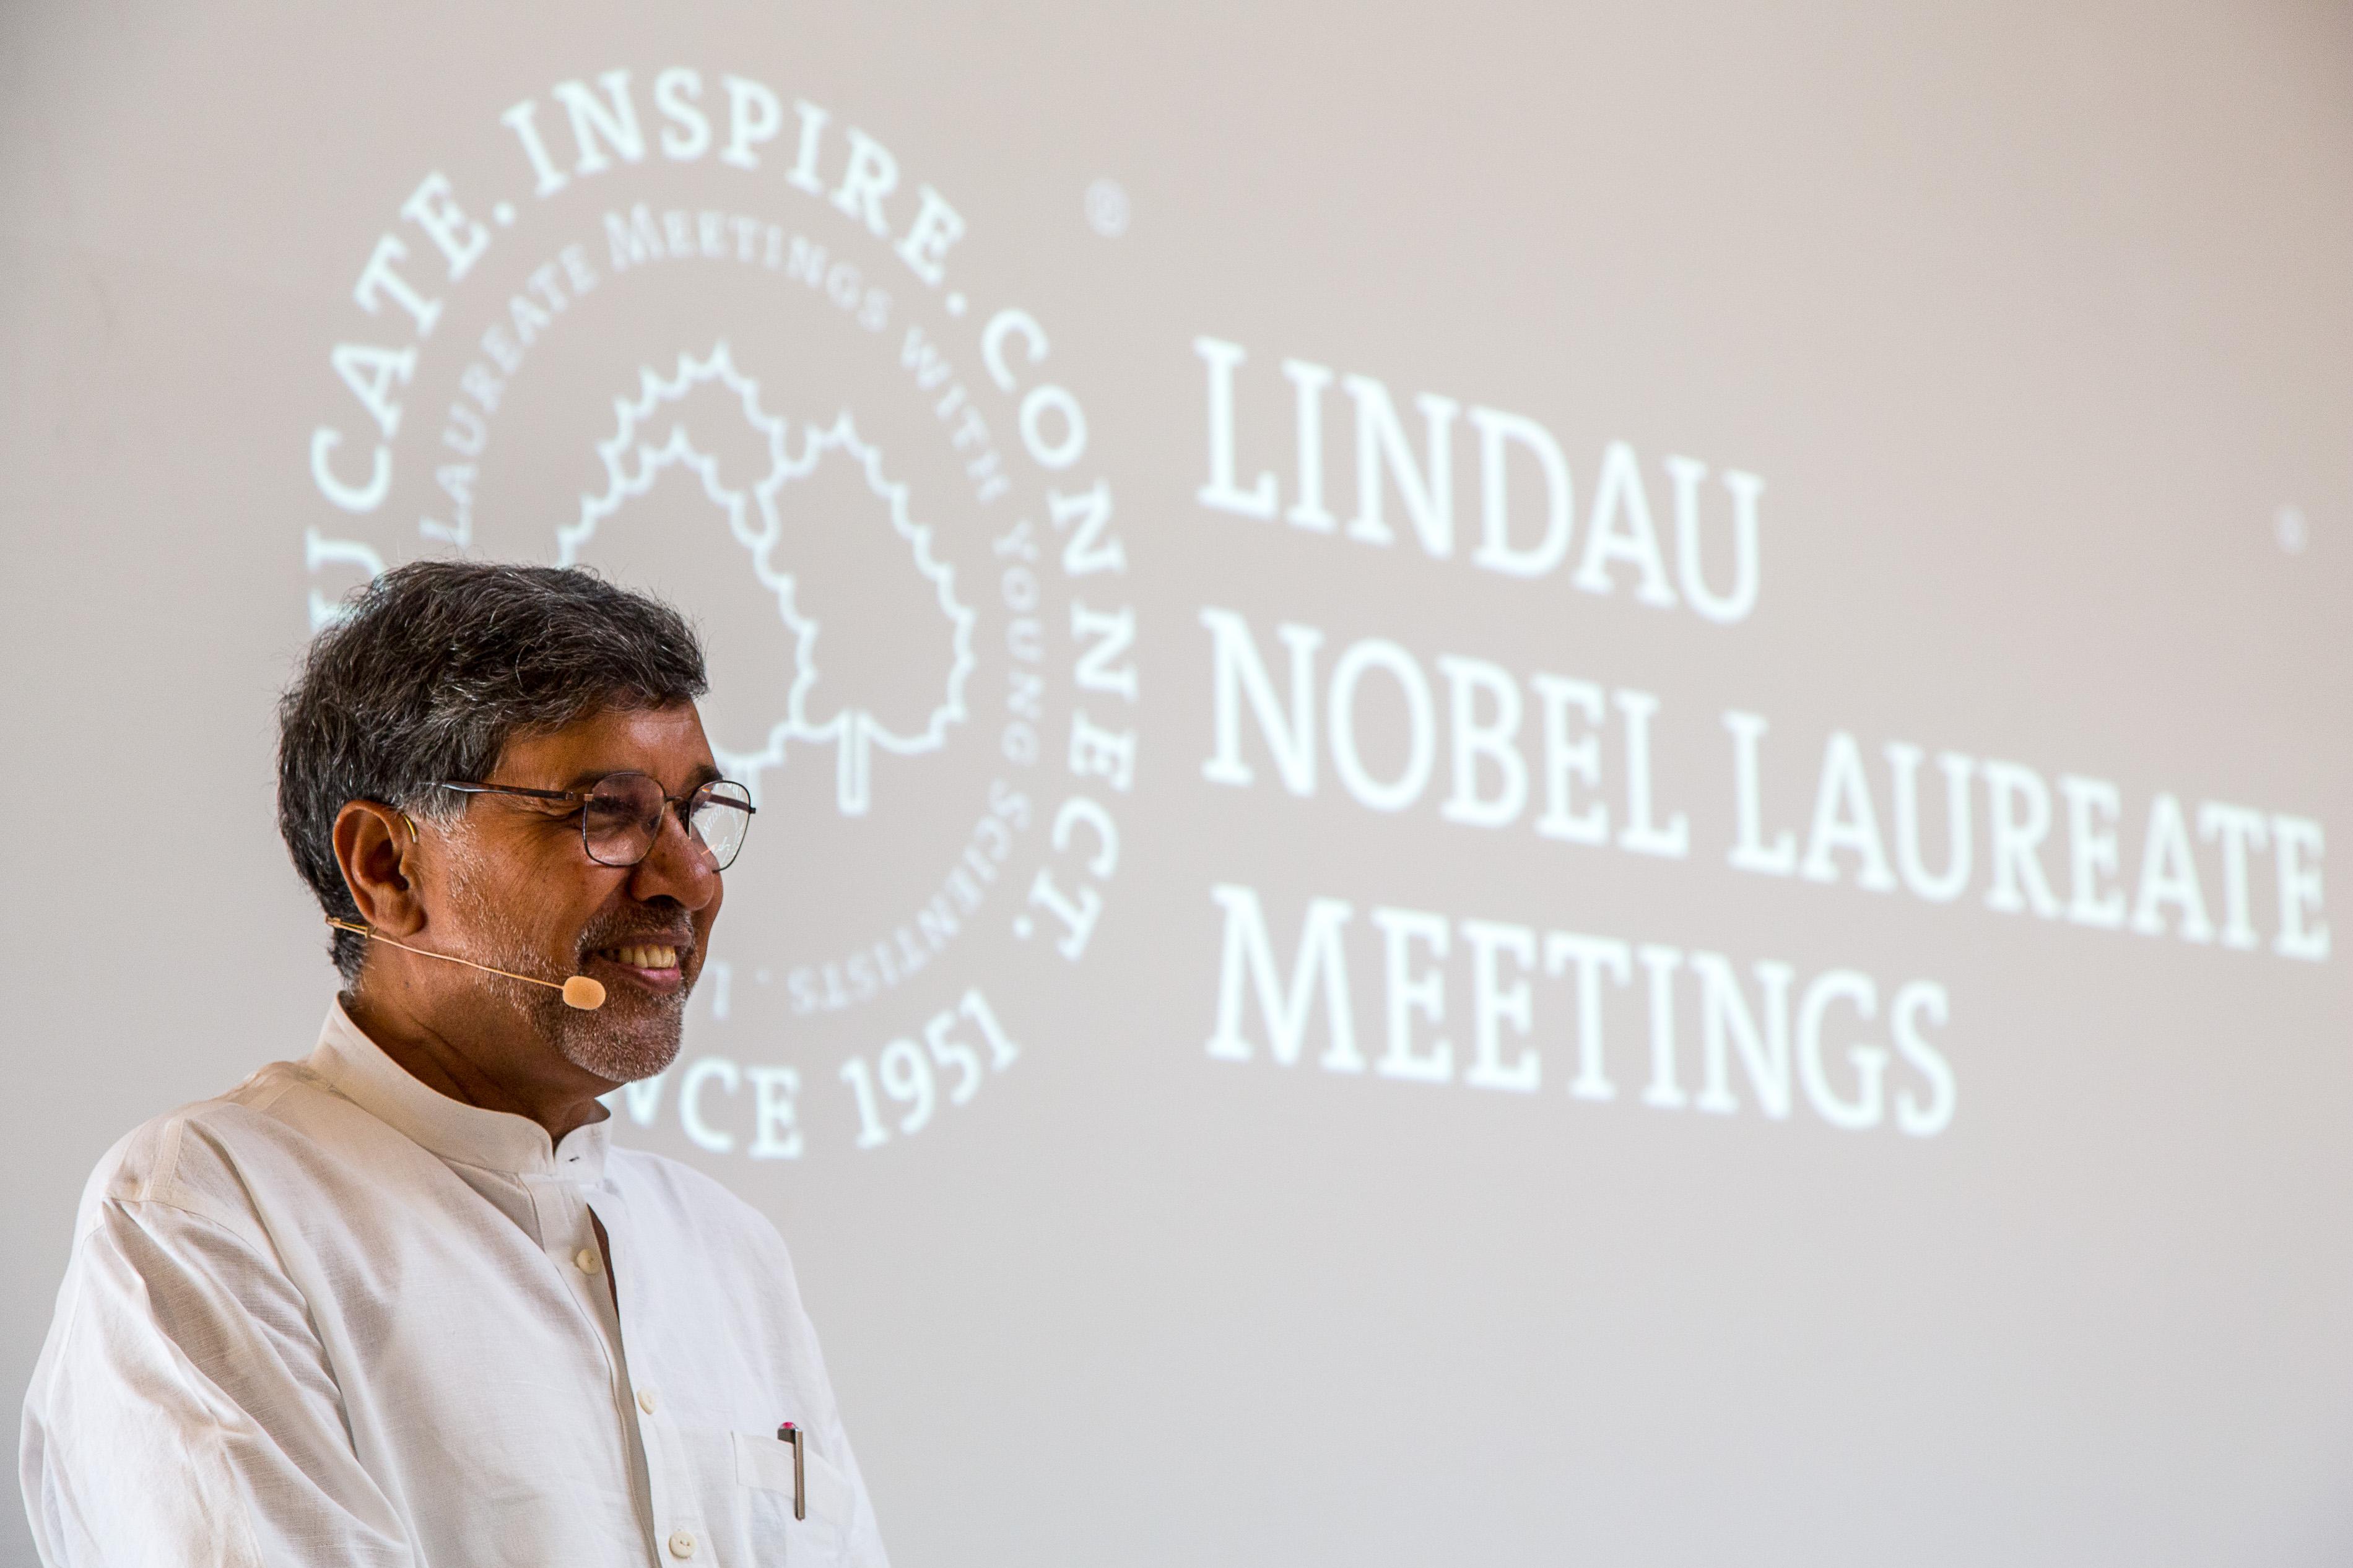 Image: Christian Flemming/Lindau Nobel Laureate Meetings